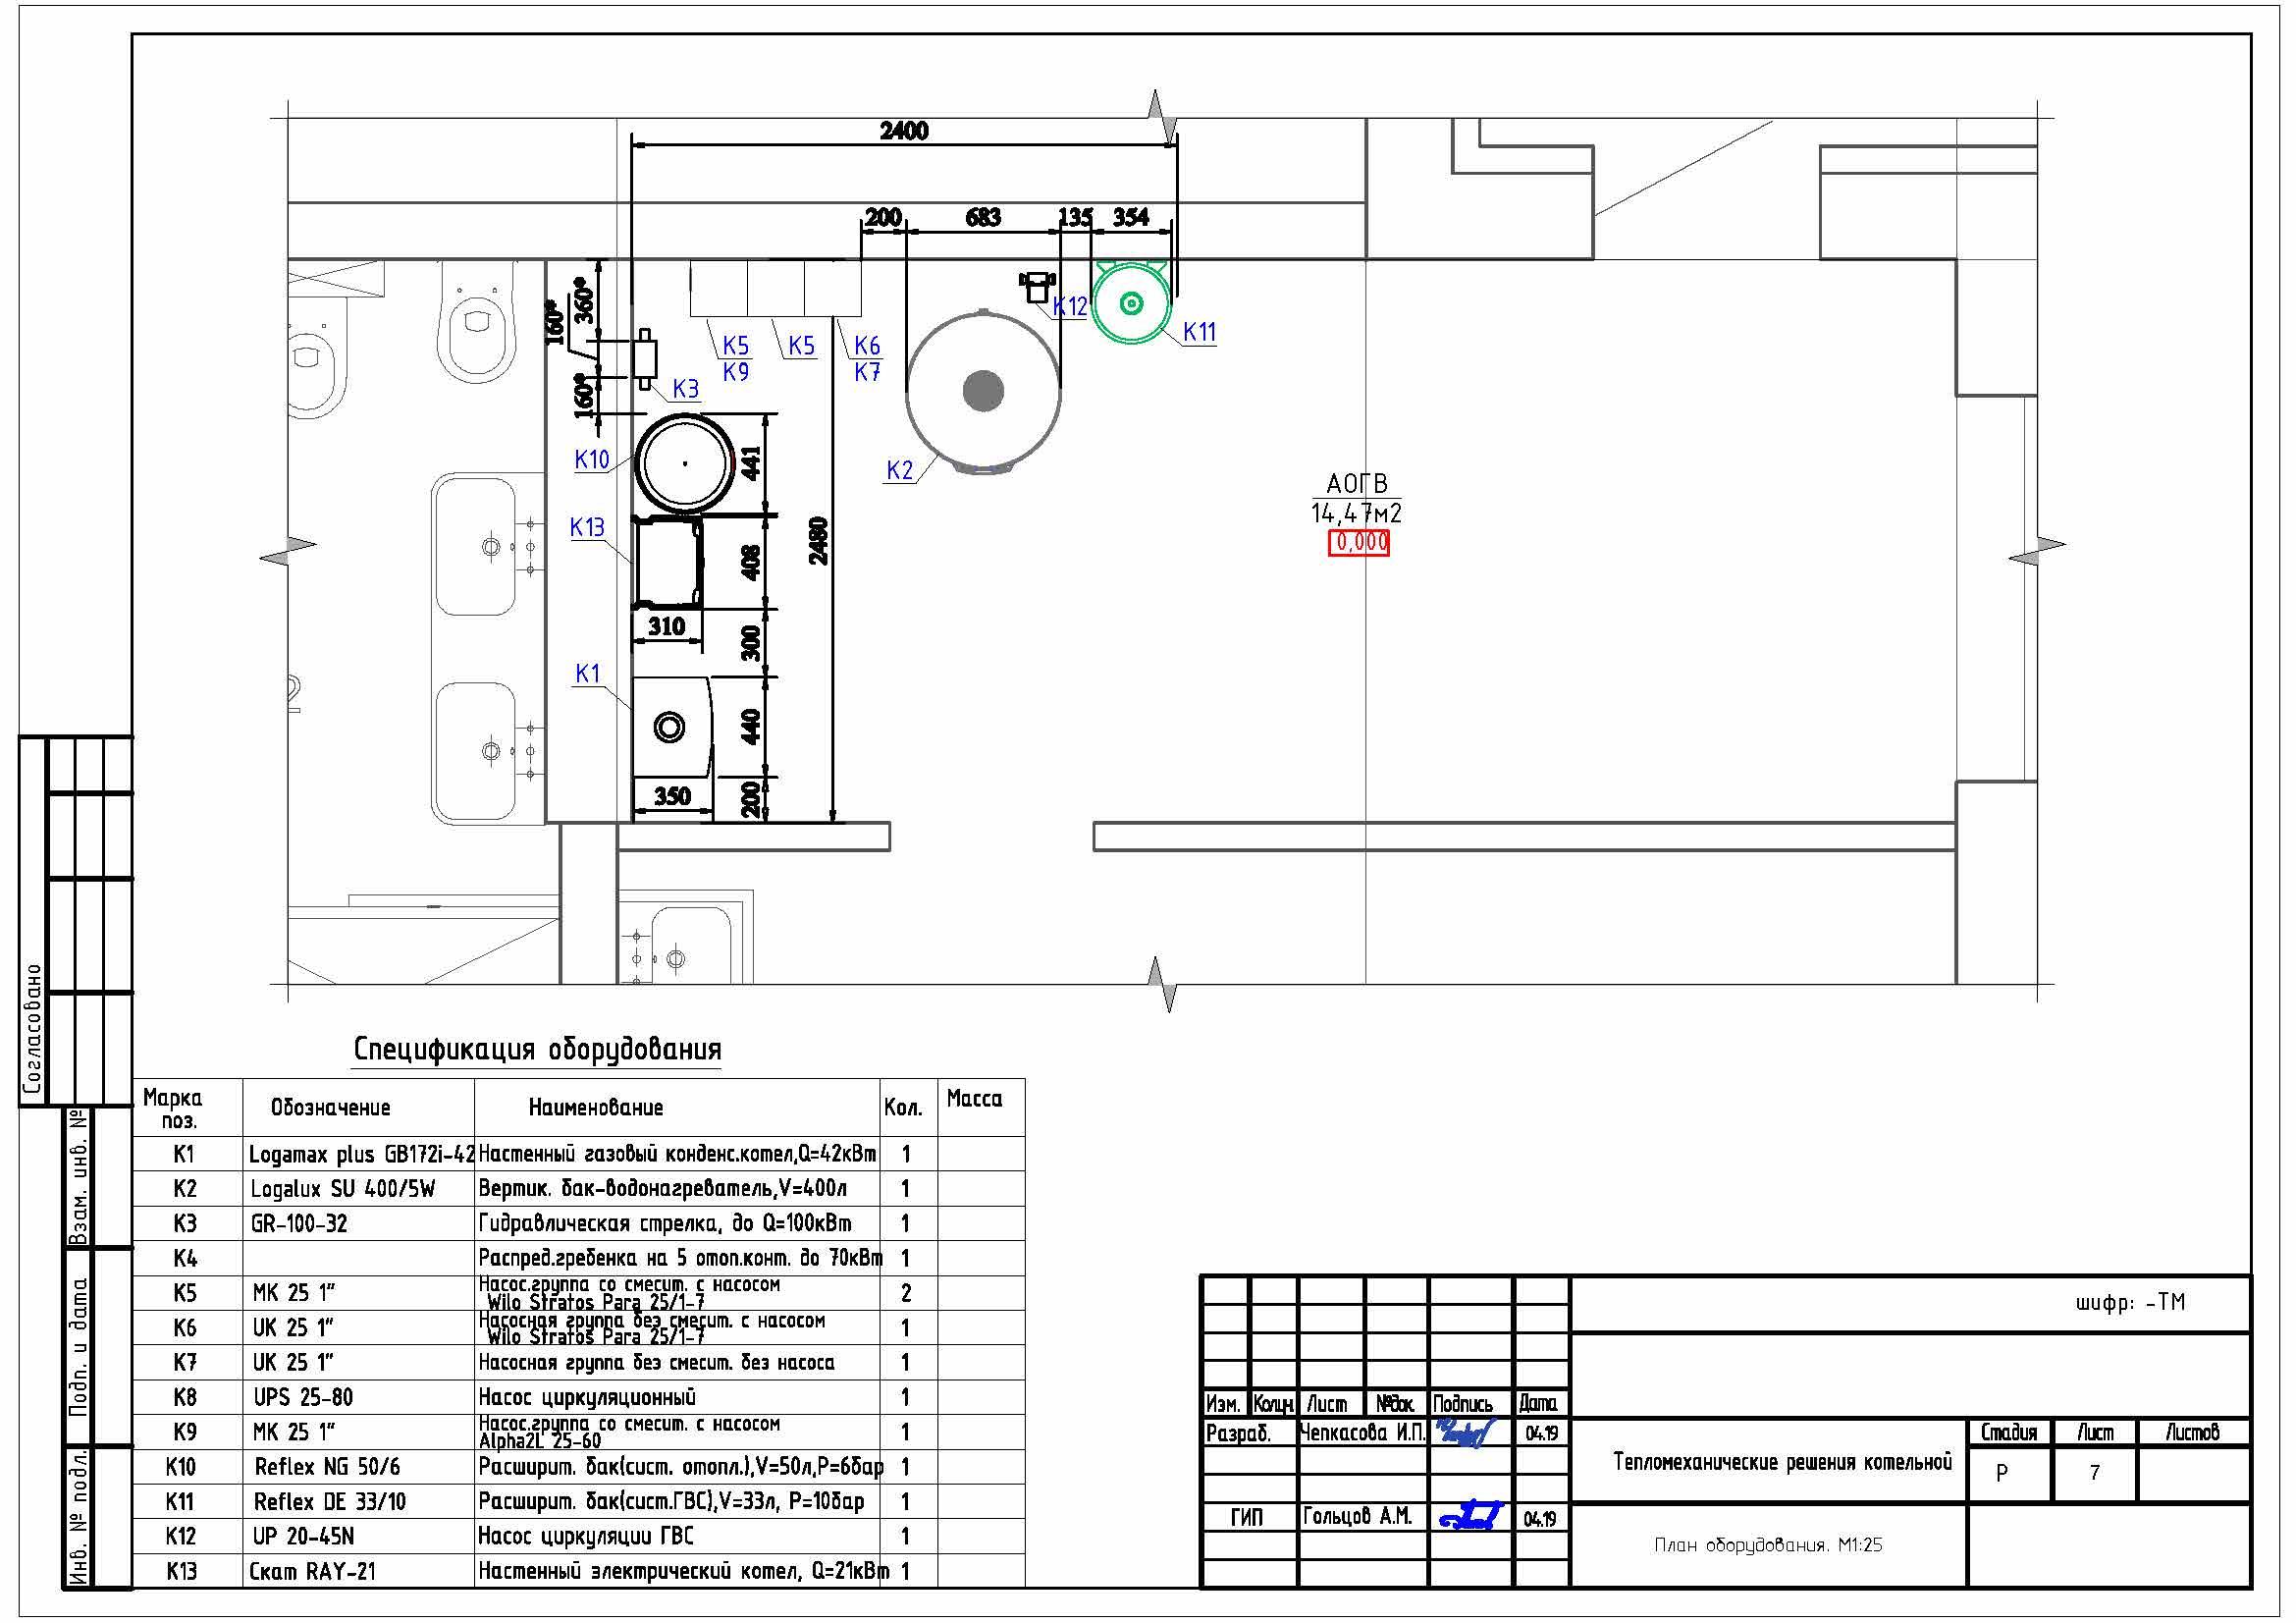 План расположения оборудования по 2 стенам - котельная